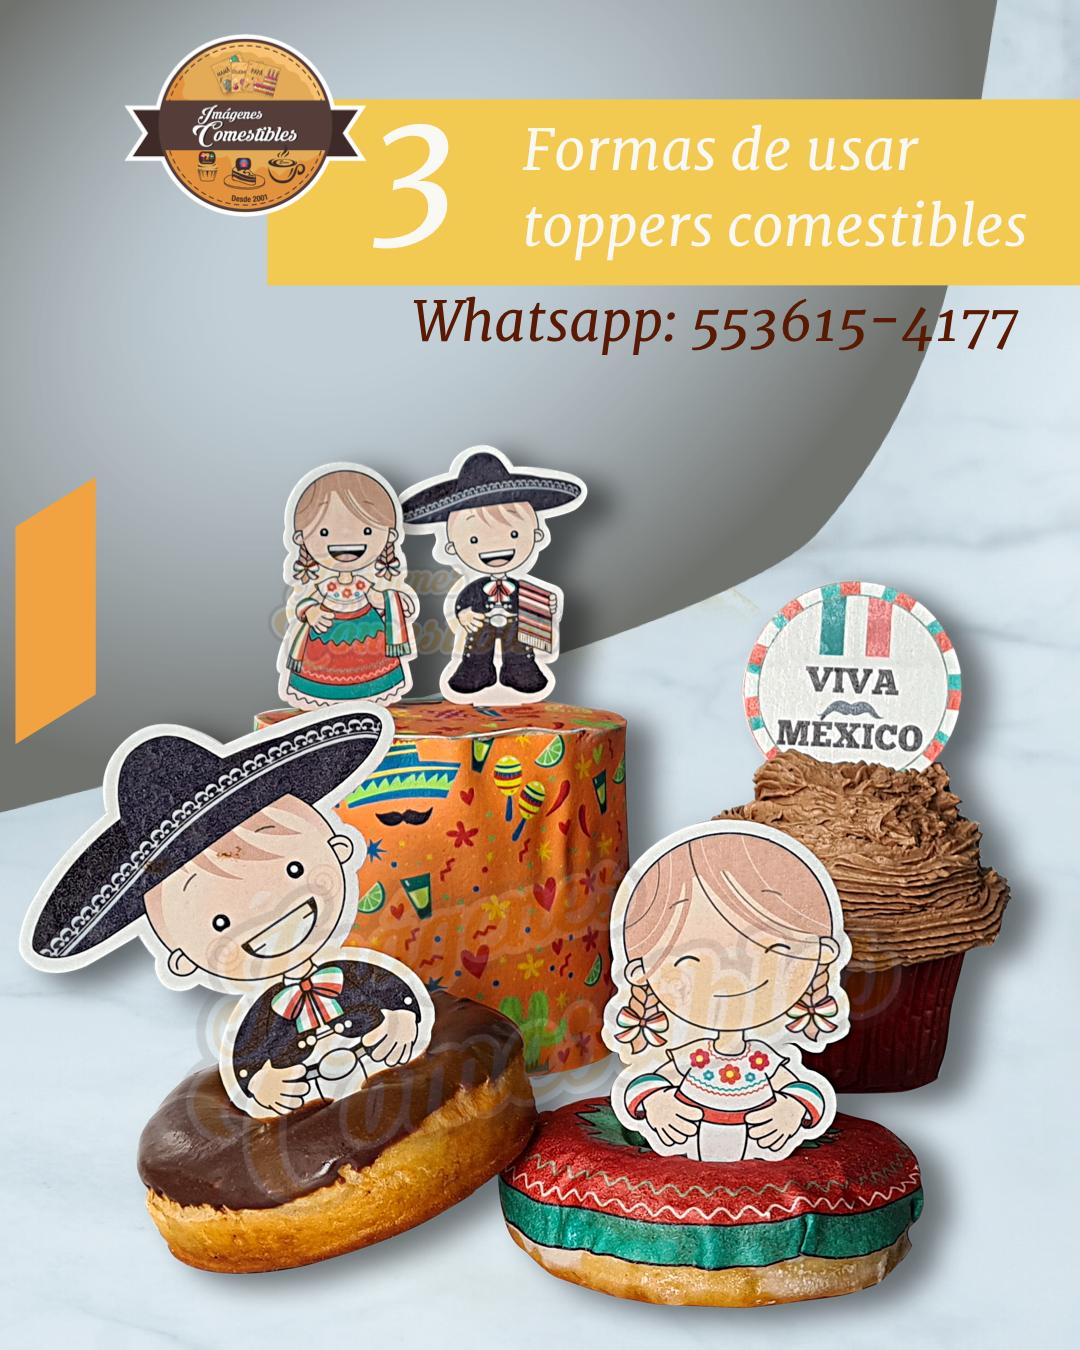 https://0201.nccdn.net/4_2/000/000/071/260/3-formas-de-usar-toppers-comestibles-.png